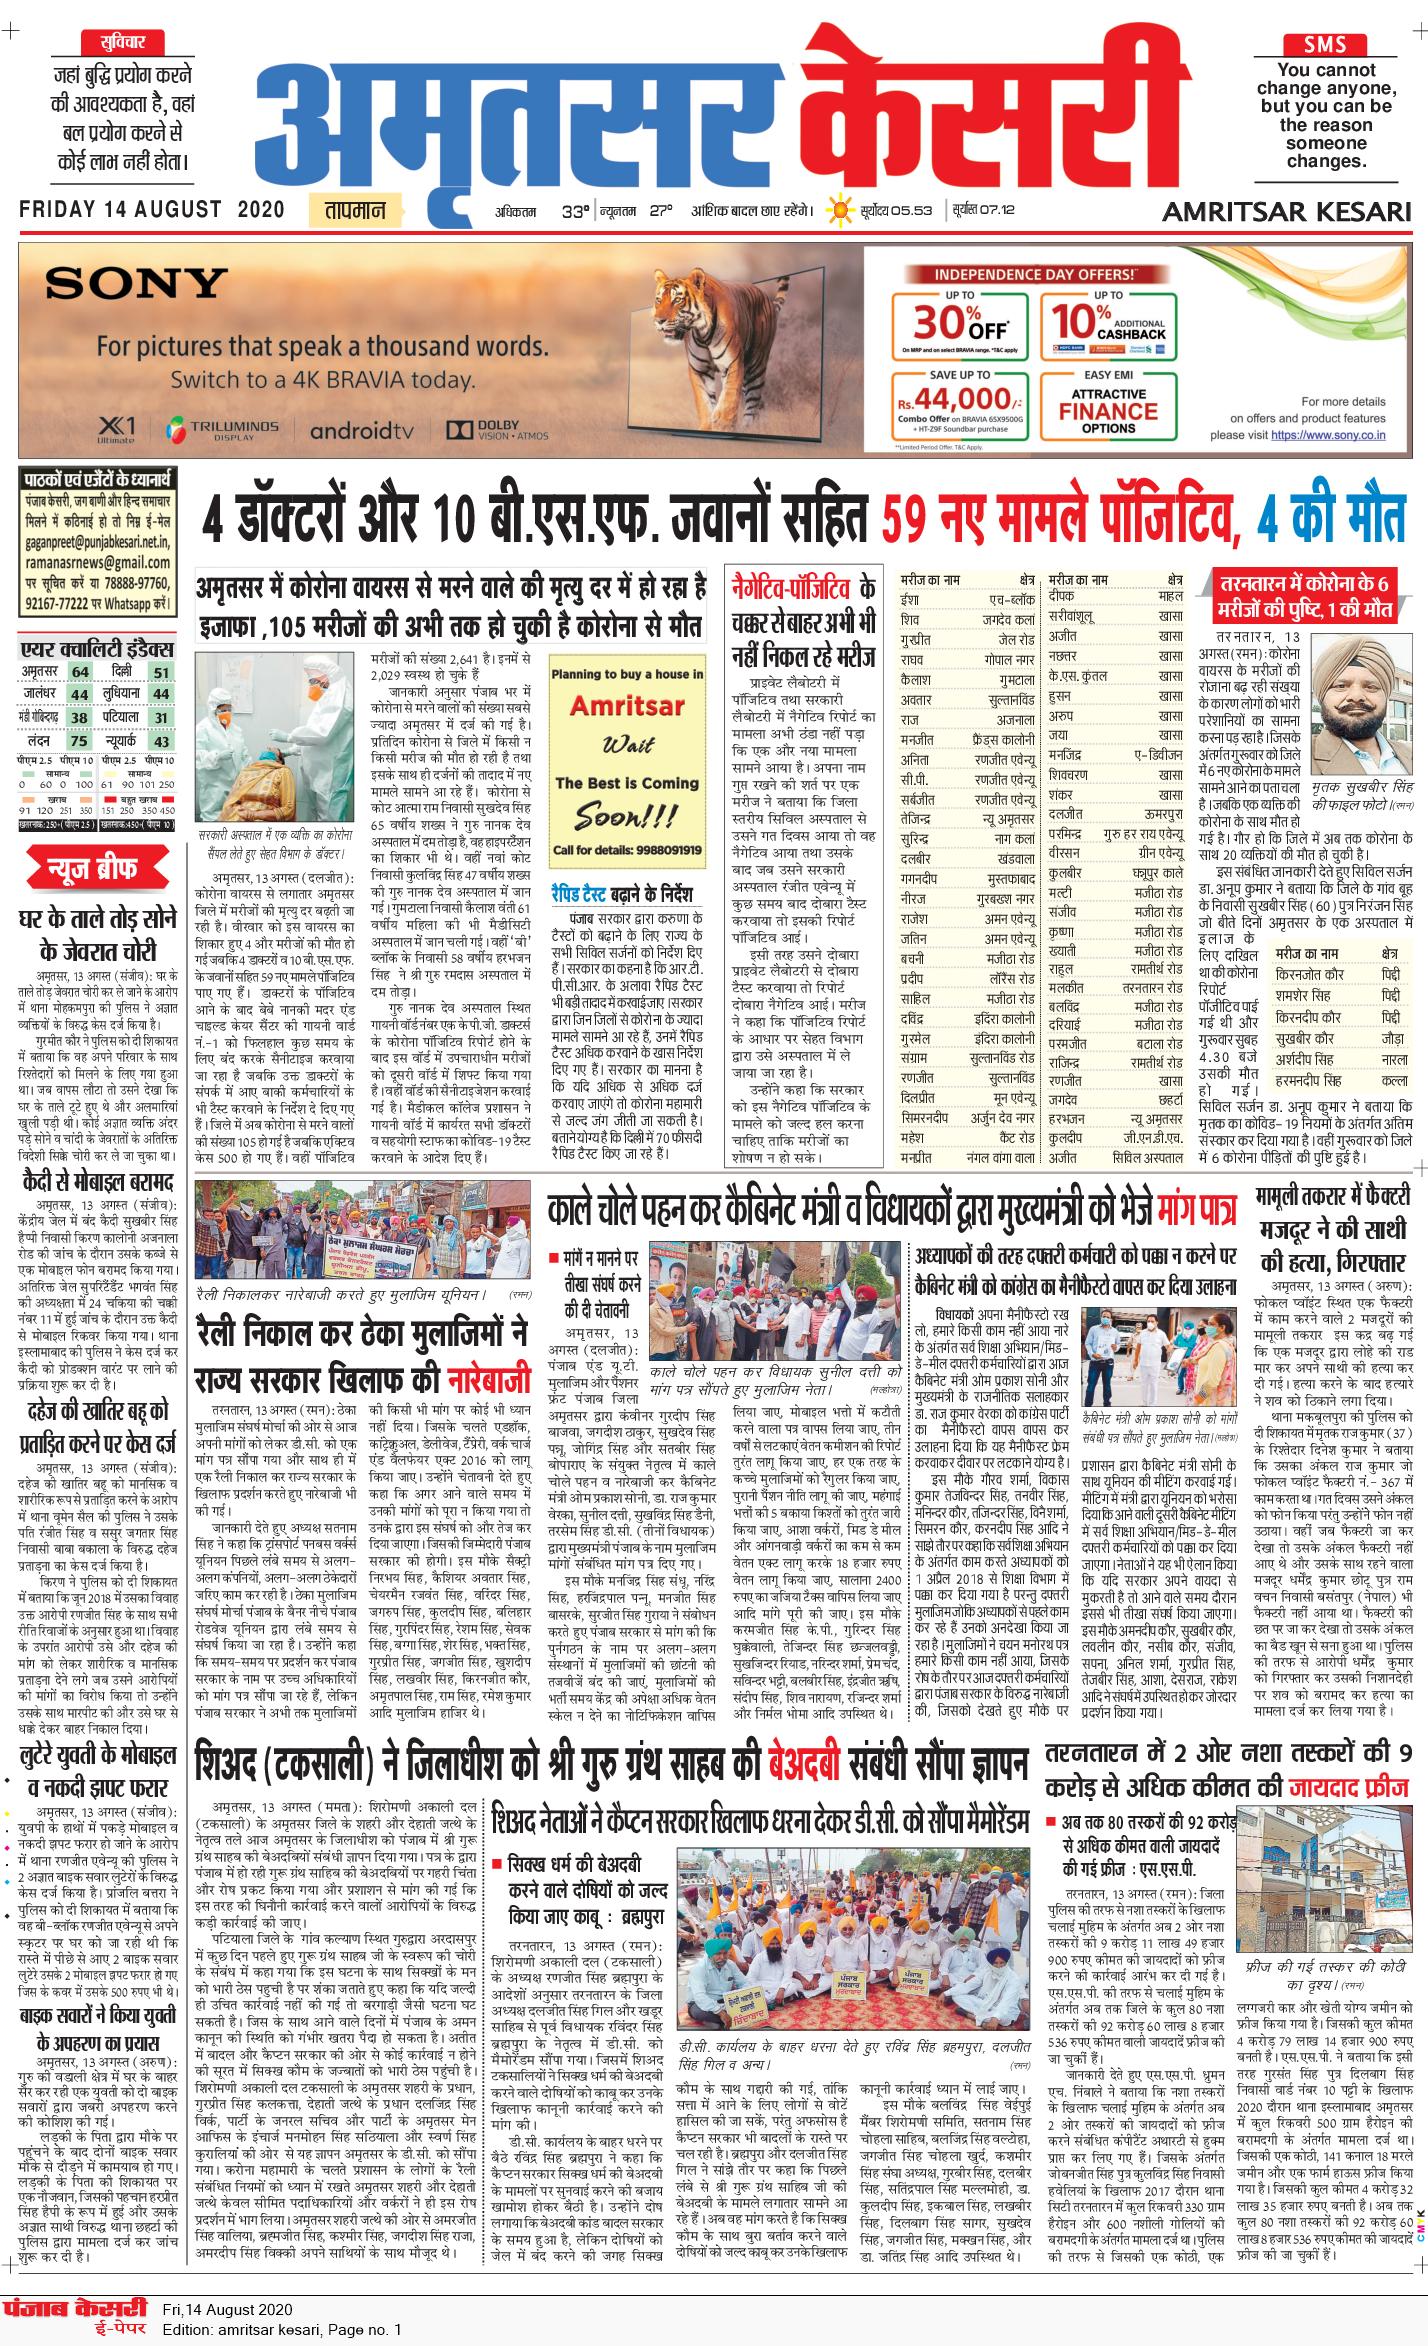 Amritsar Kesari 8/14/2020 12:00:00 AM